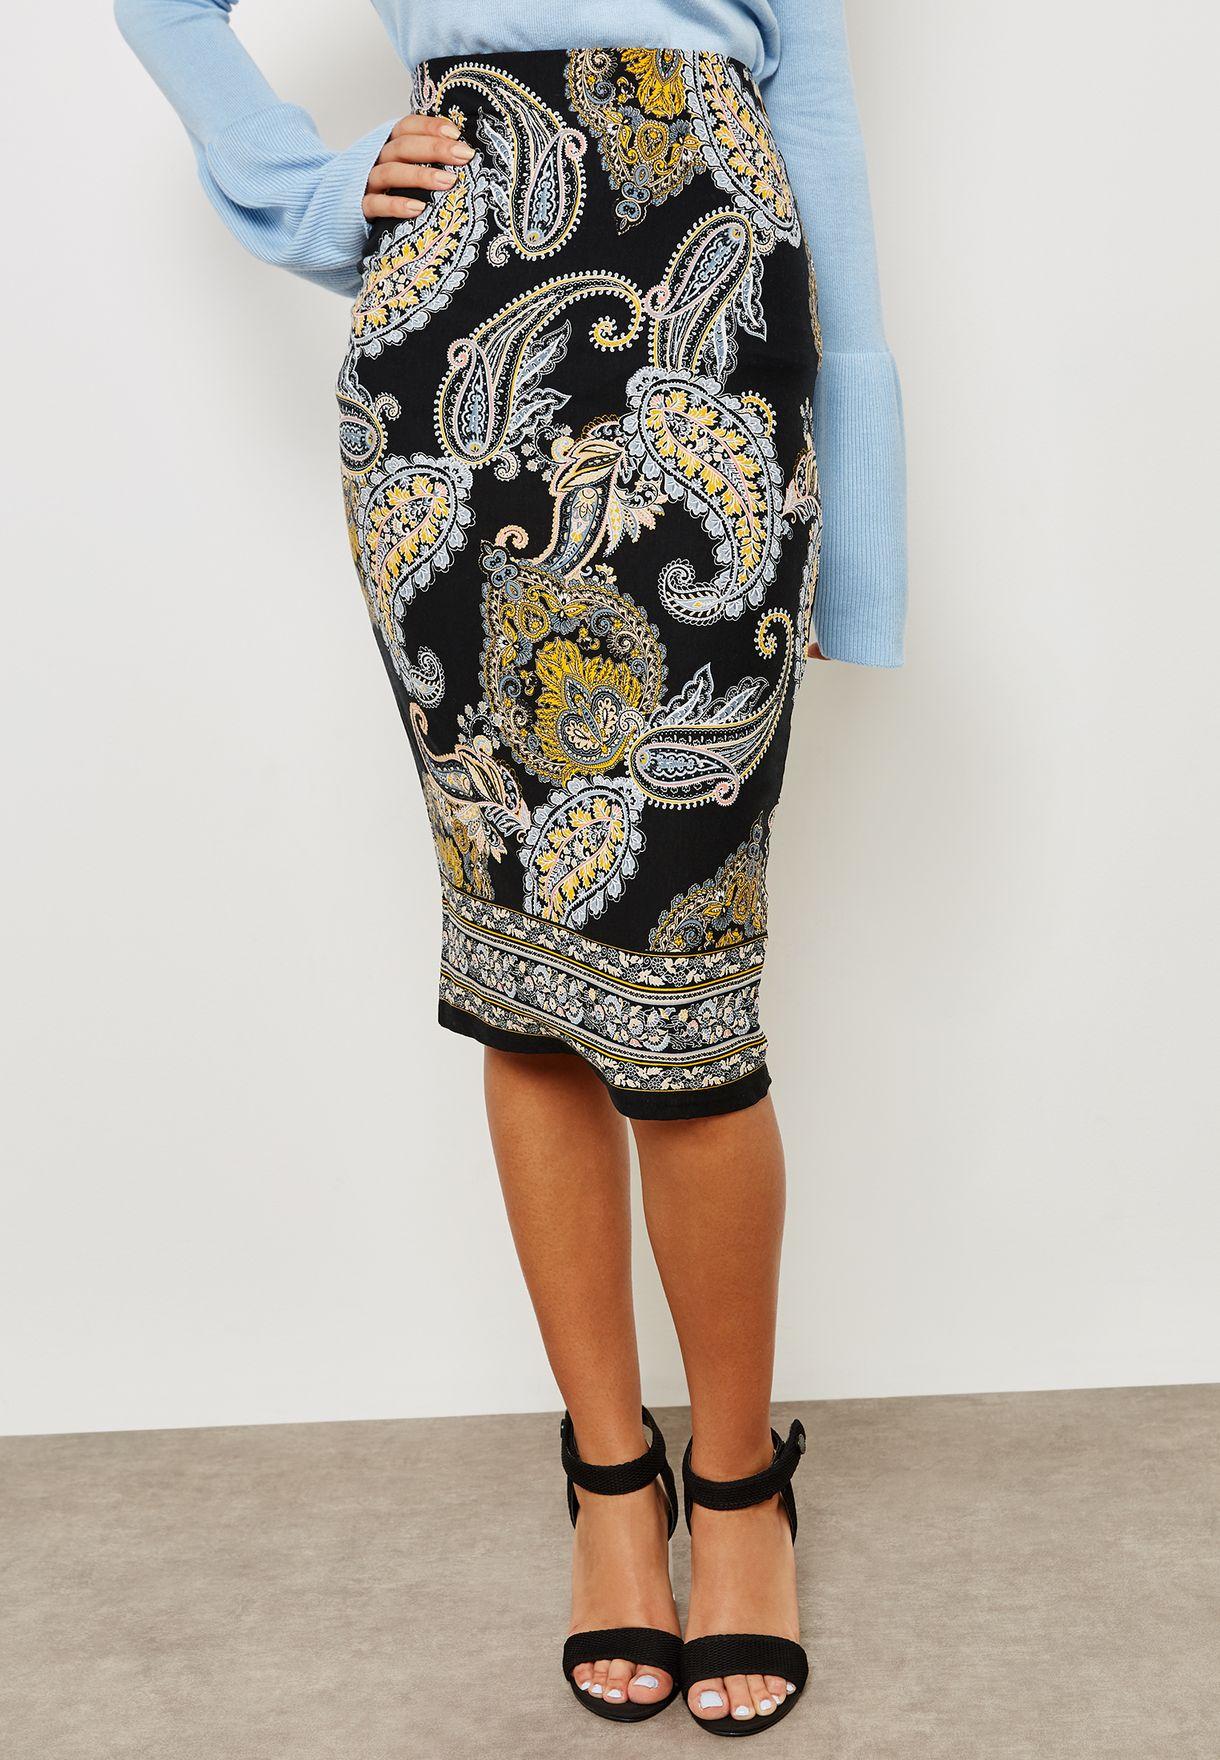 Paisley Print Skirt